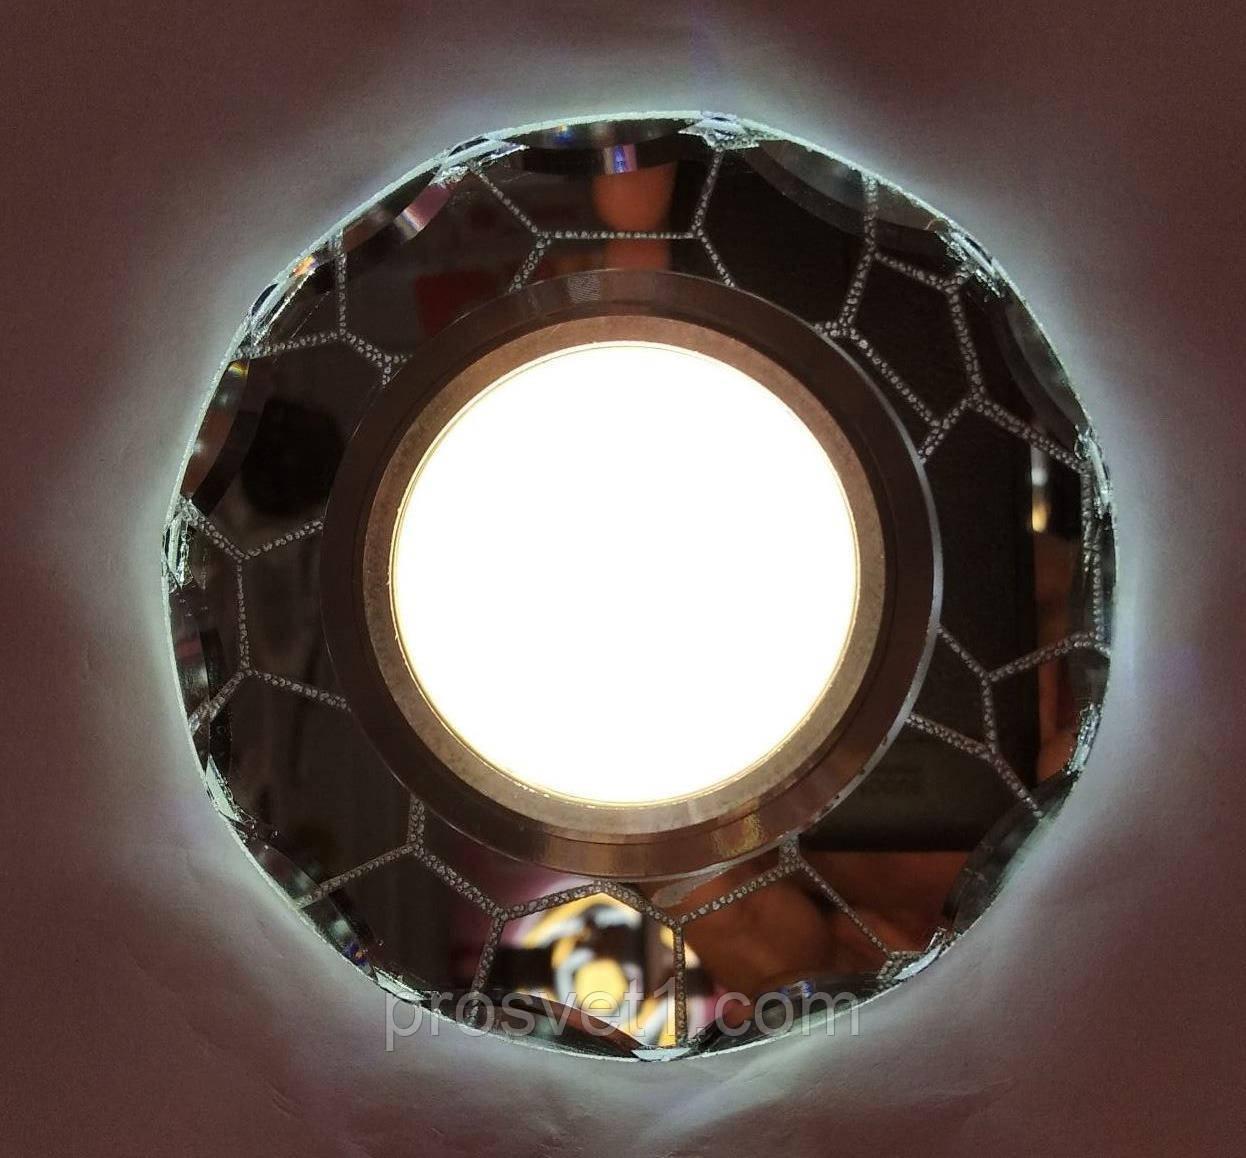 Светильник точечный софит (LED T350 WT Proсвет)